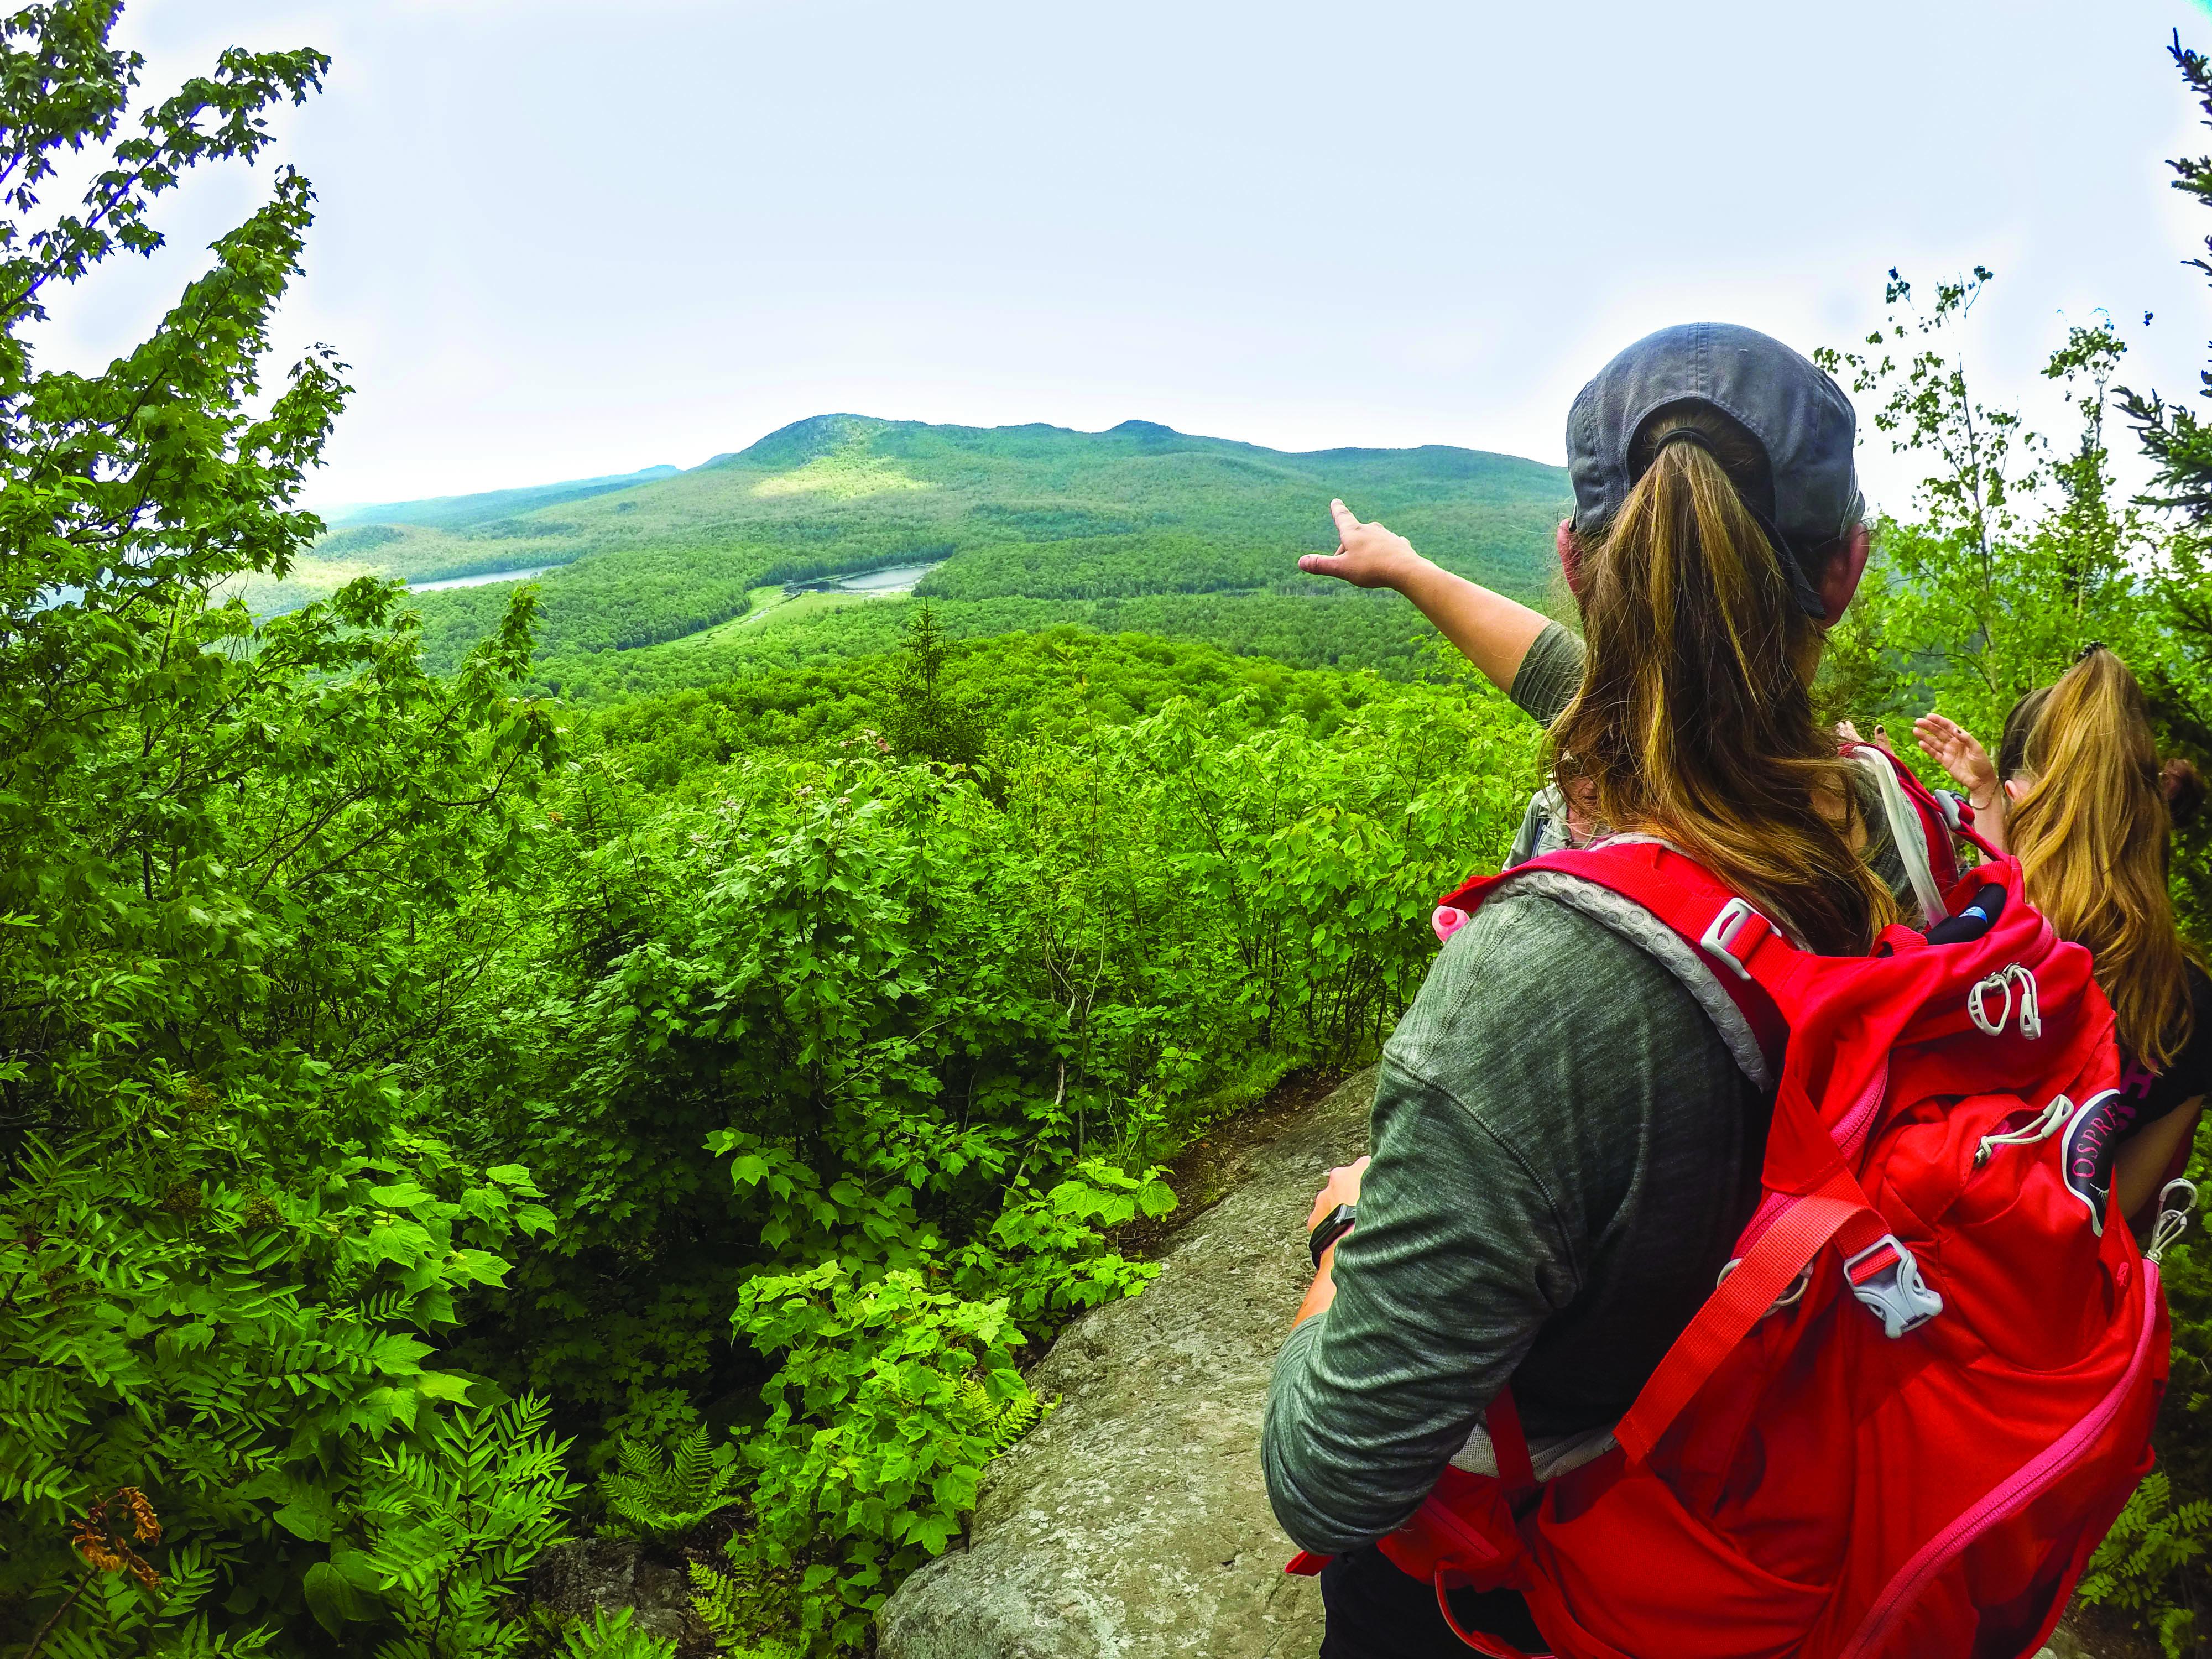 Femme de dos avec un sac à dos rouge qui pointe vers l'horizon au sommet d'une montagne en été.